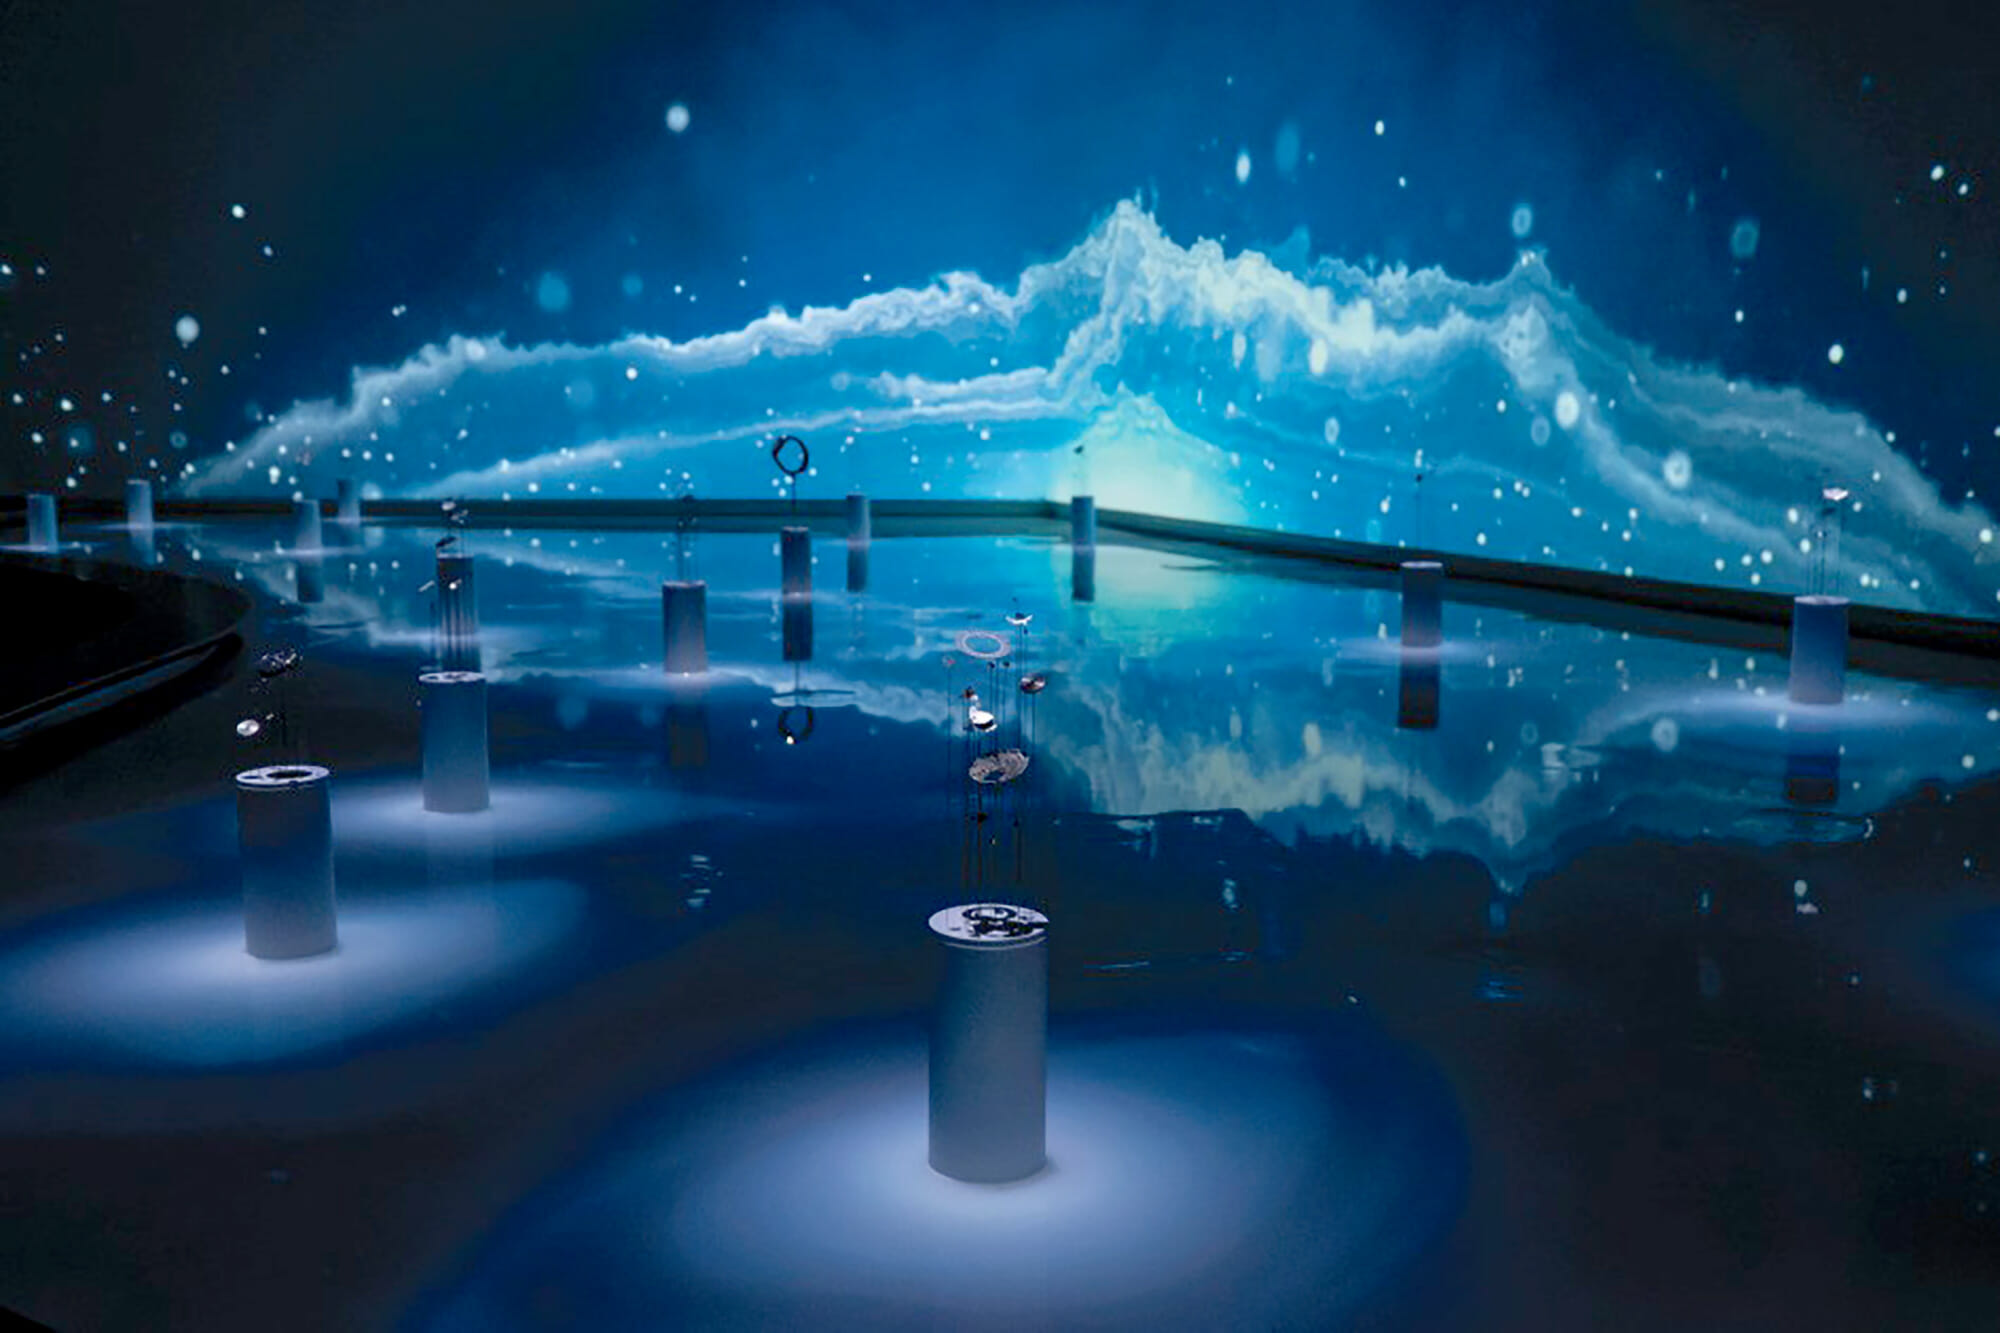 グランドセイコー「THE NATURE OF TIME」、2年目のミラノデザインウィークはwe+と阿部伸吾さんとのコラボレーション